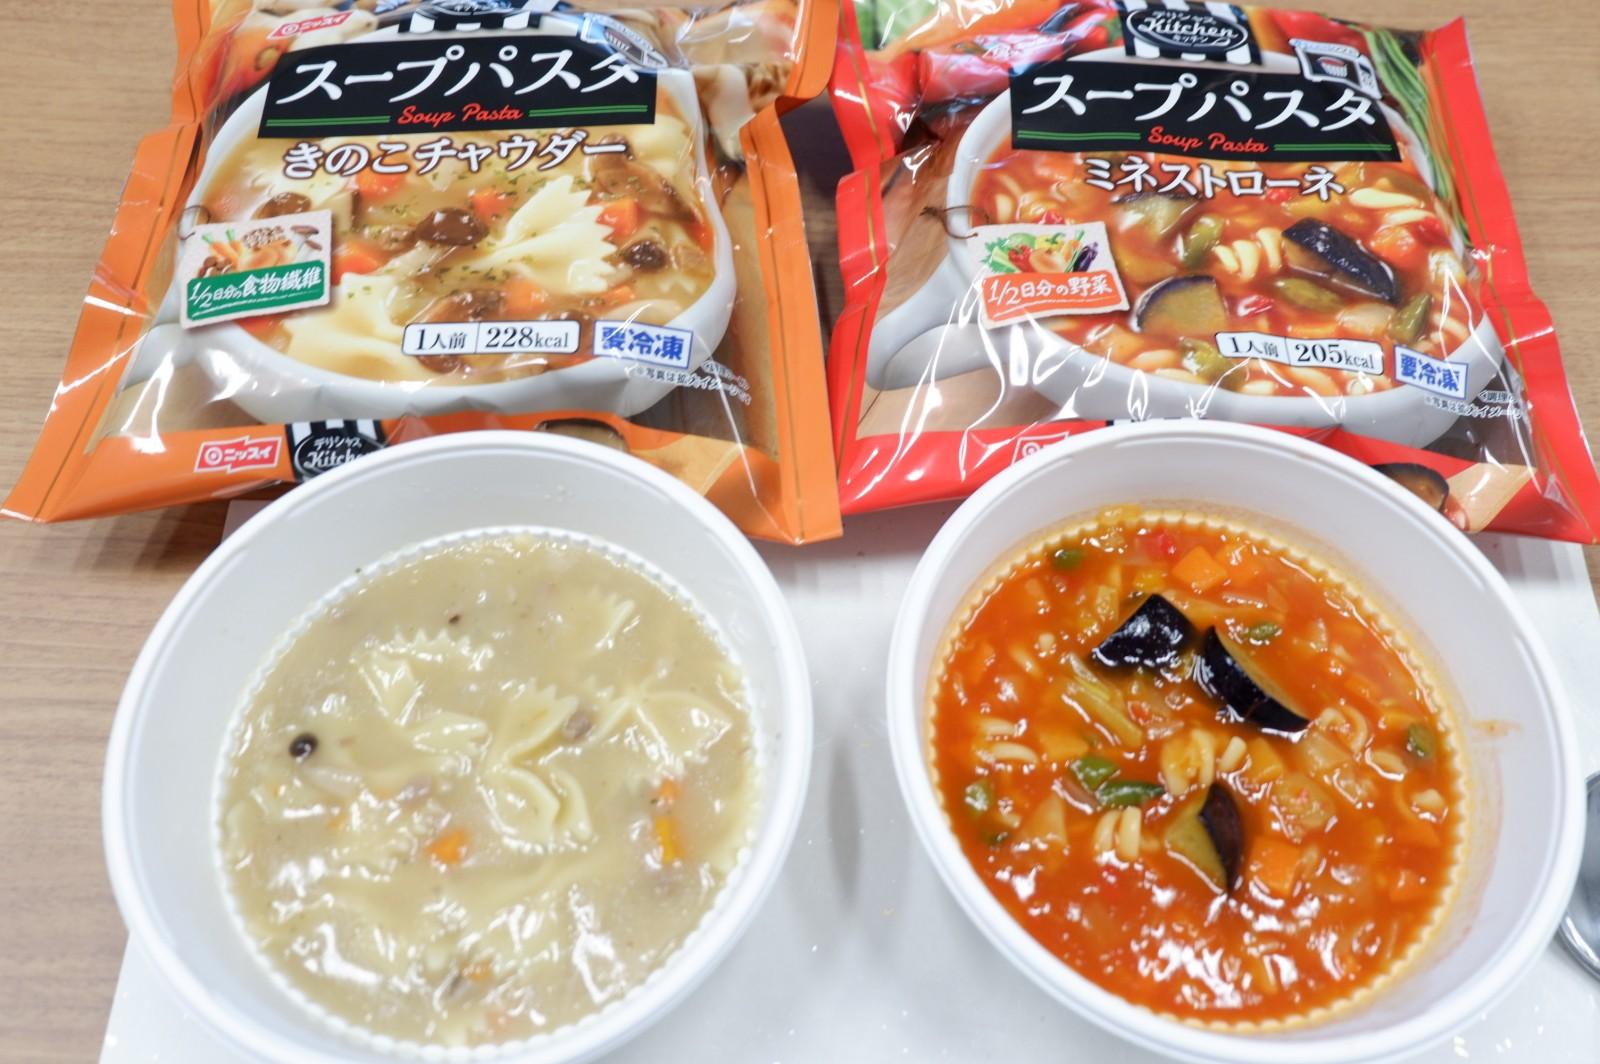 野菜、食物繊維~女性の心をくすぐる「スープパスタ」、この具材感は冷凍食品だからこそ